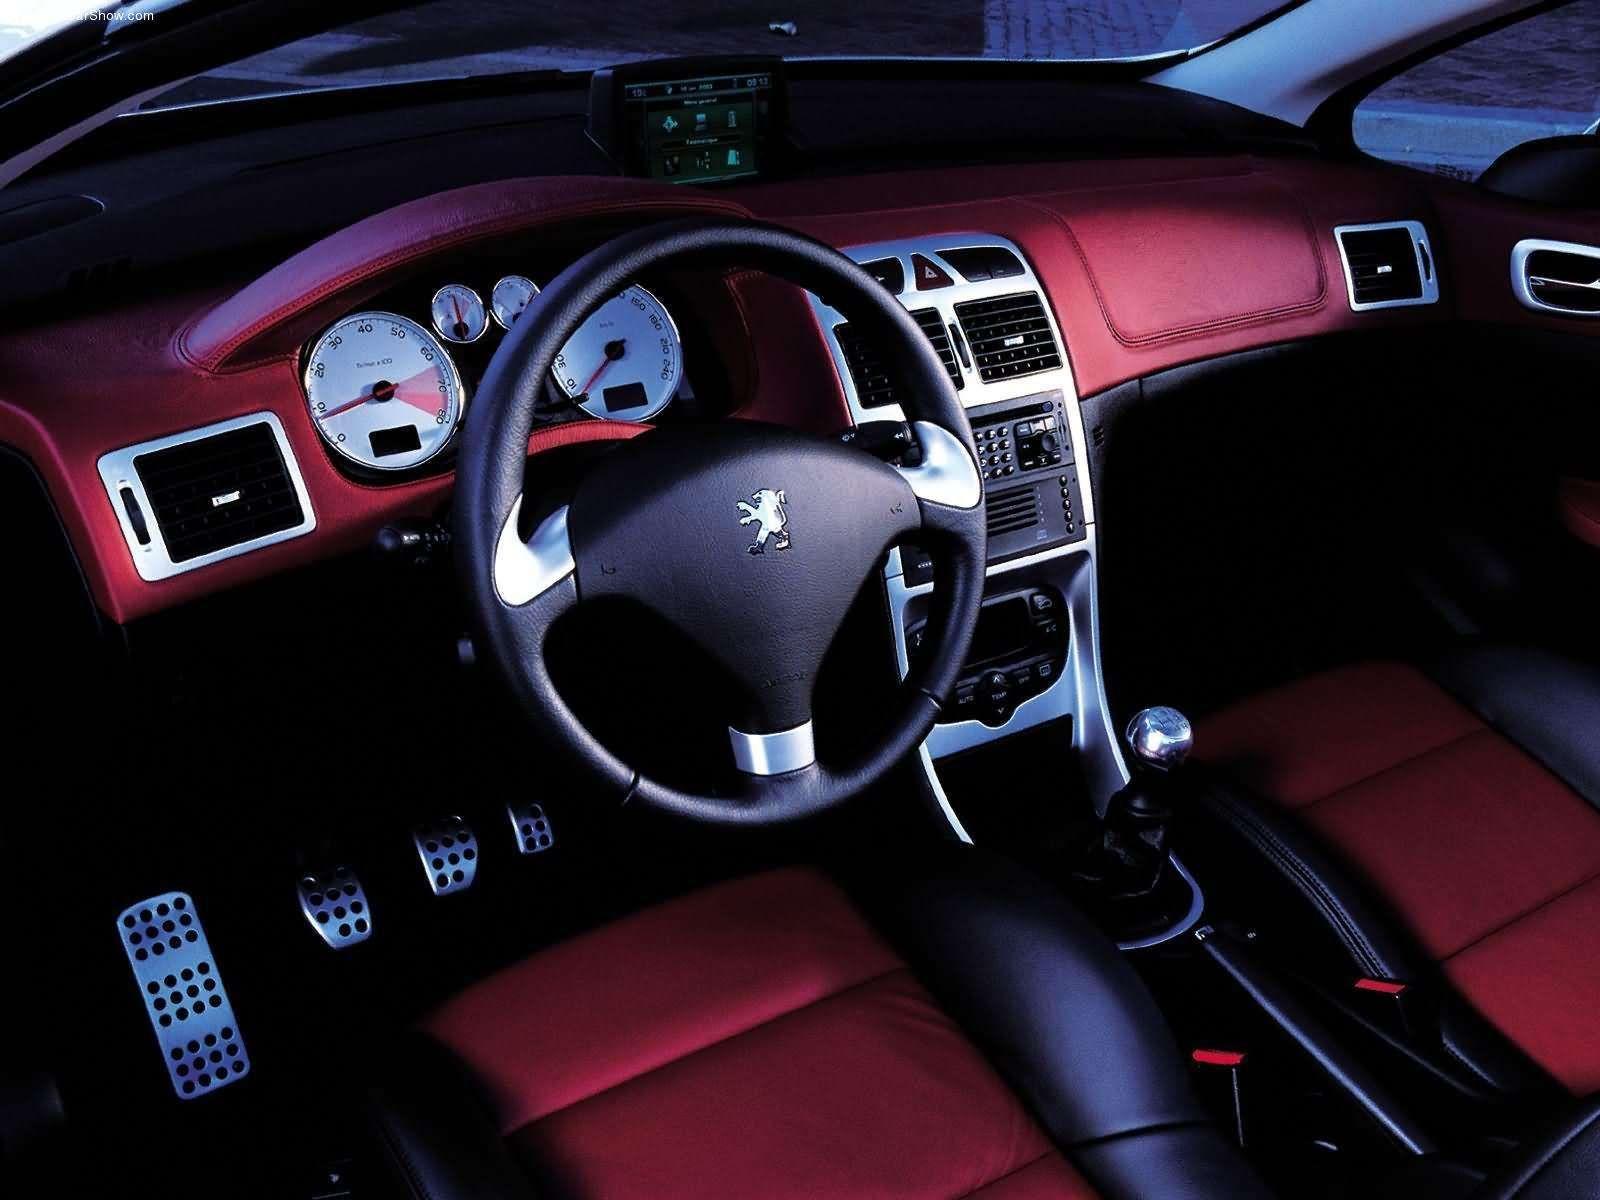 Peugeot 307 cc interior peugeot fascination pinterest for Peugeot 307 interieur